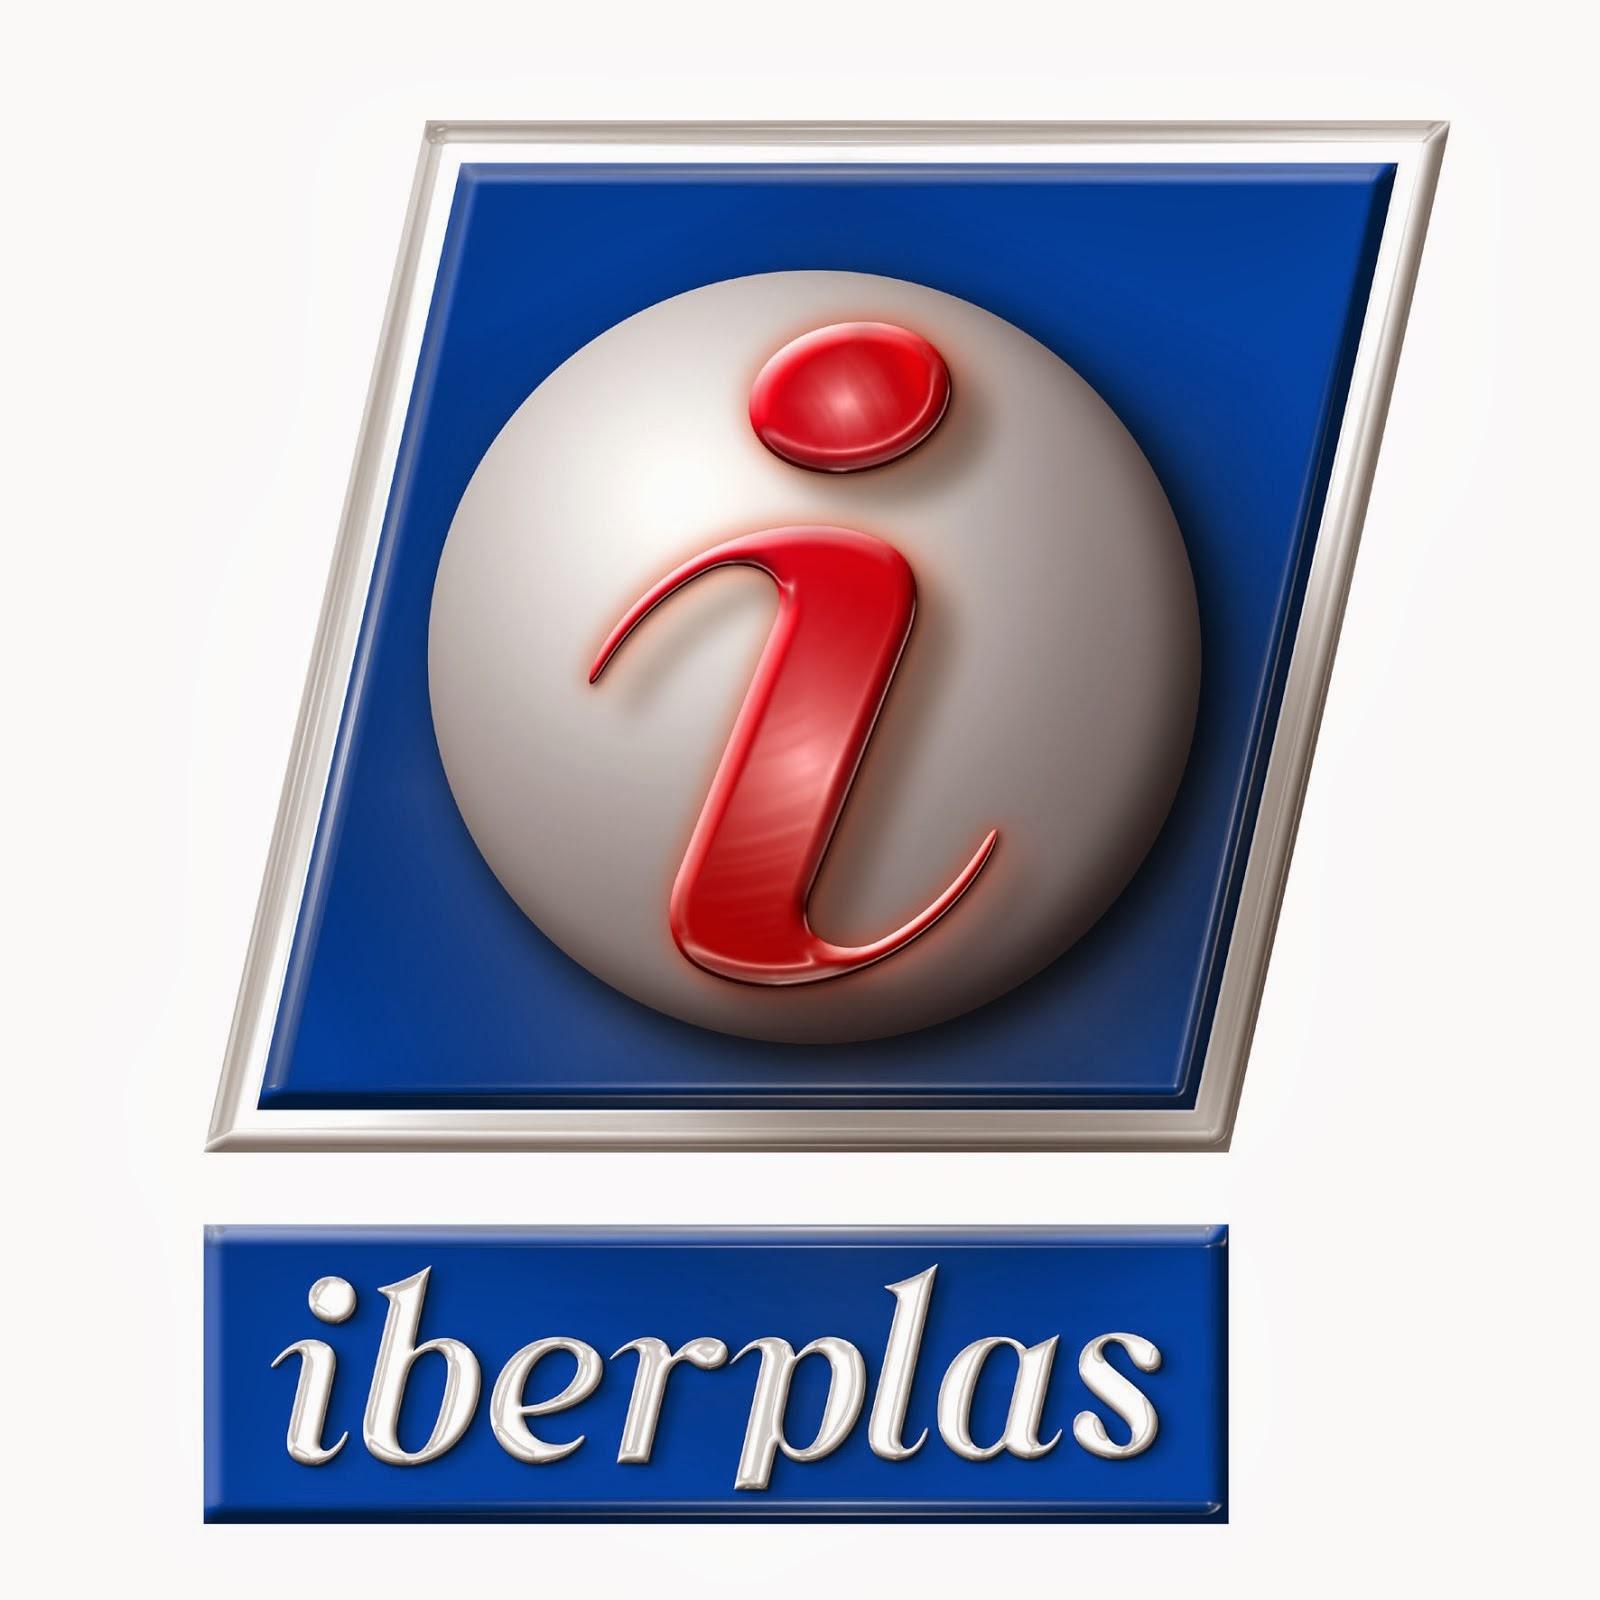 Iberplas SL